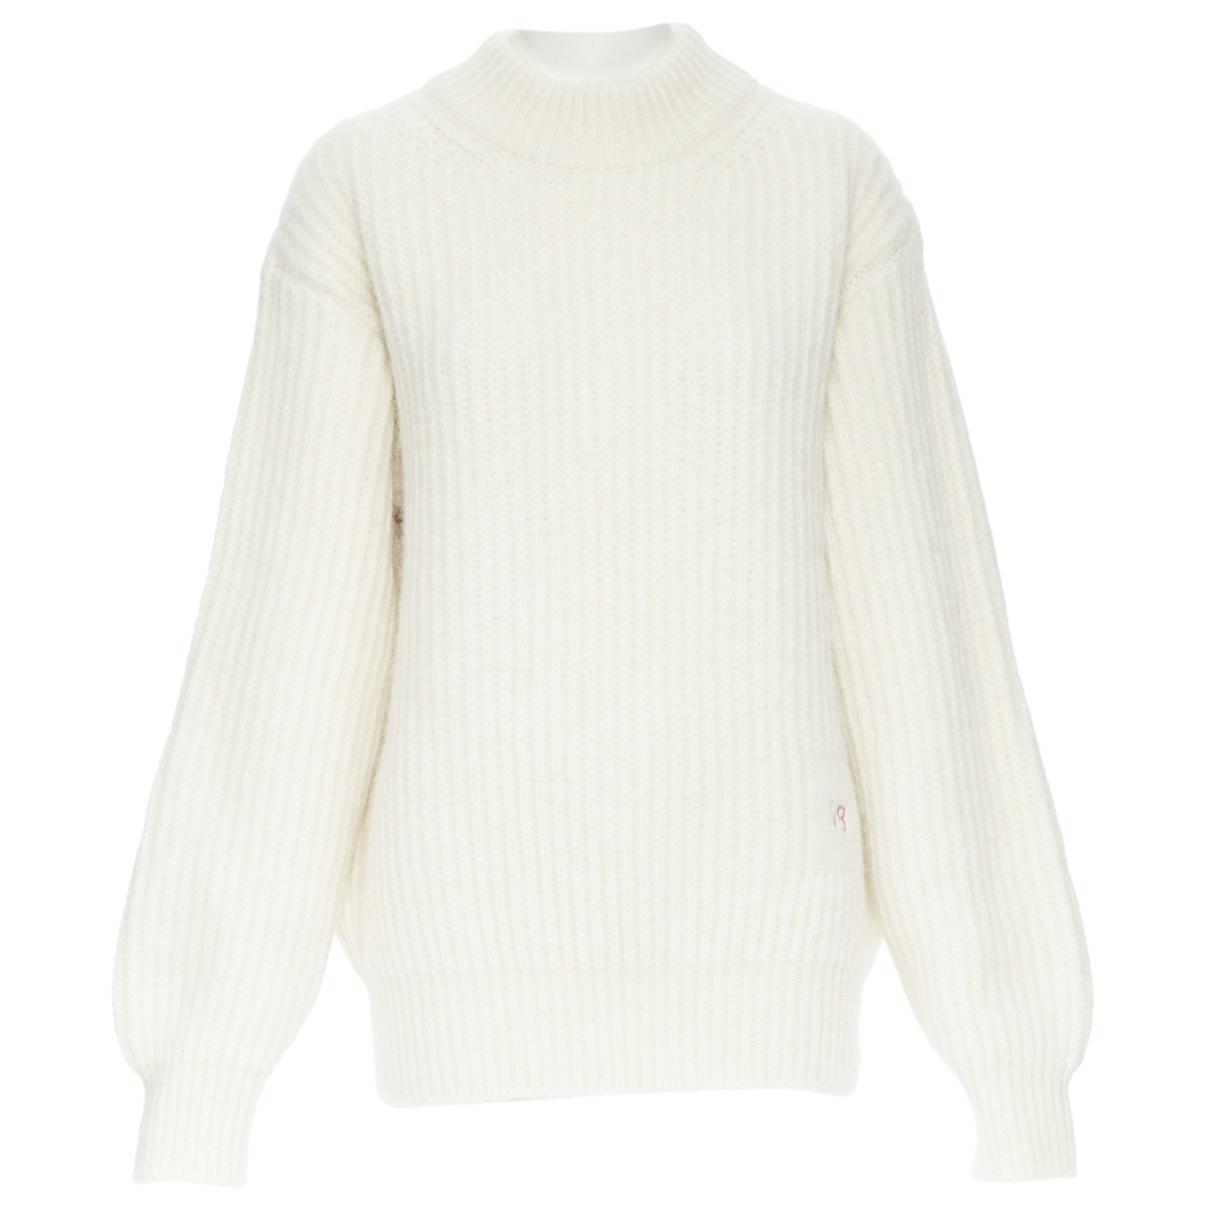 Victoria Beckham - Pull   pour femme en coton - blanc